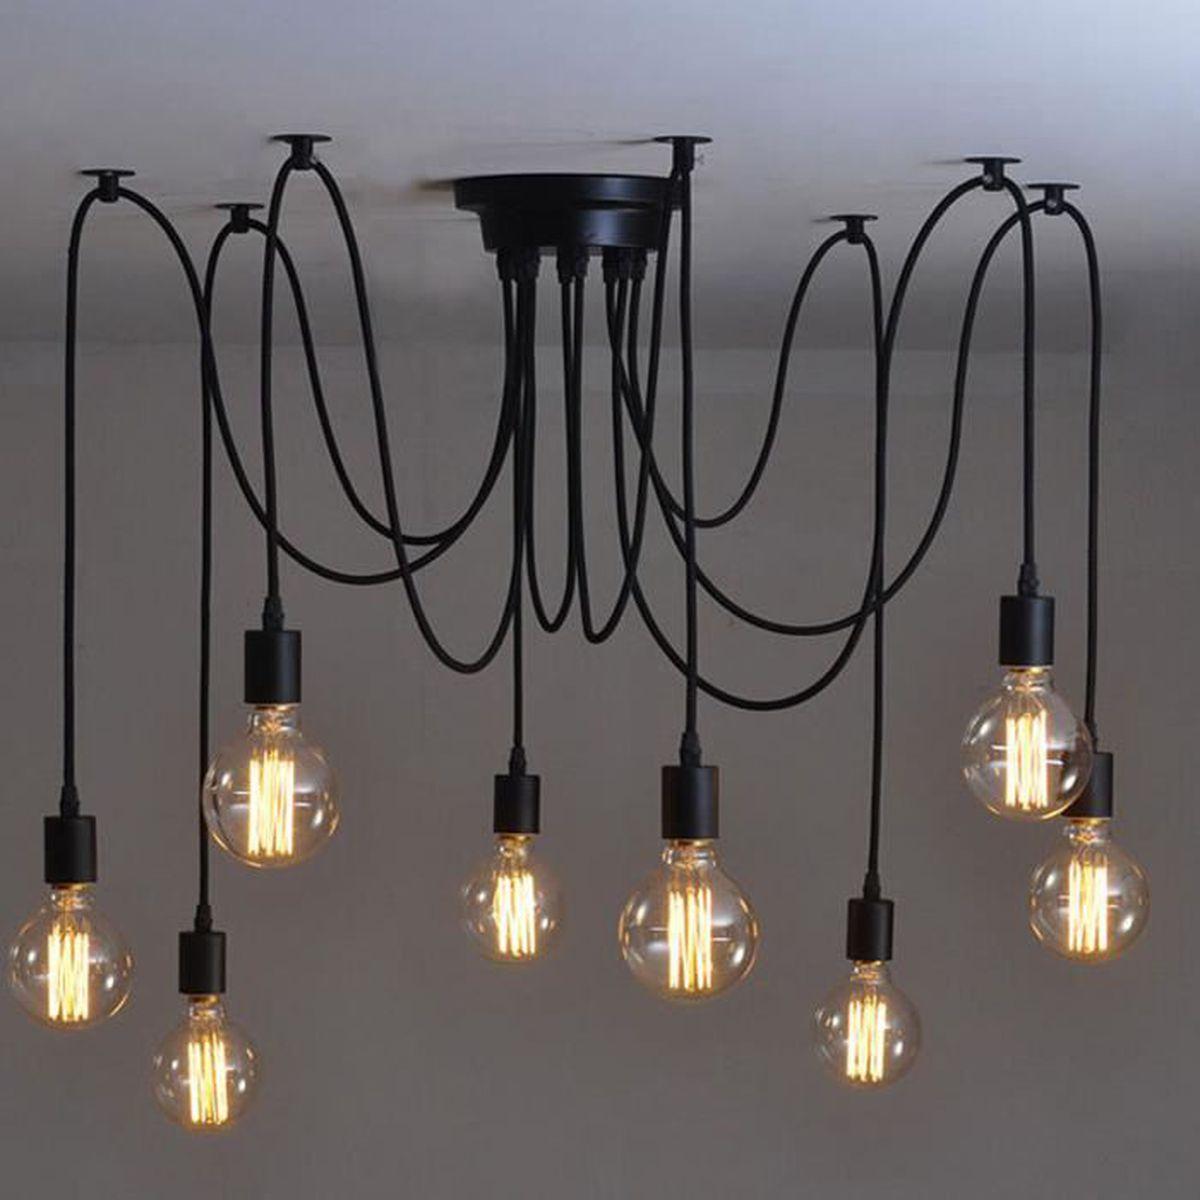 Lustre 8 Vintage E27 Ampoule Style Maison Plafonnier Têtes Pour Décoration Loft De Industriel Pendentif Porte Salle Café b6vY7fgy